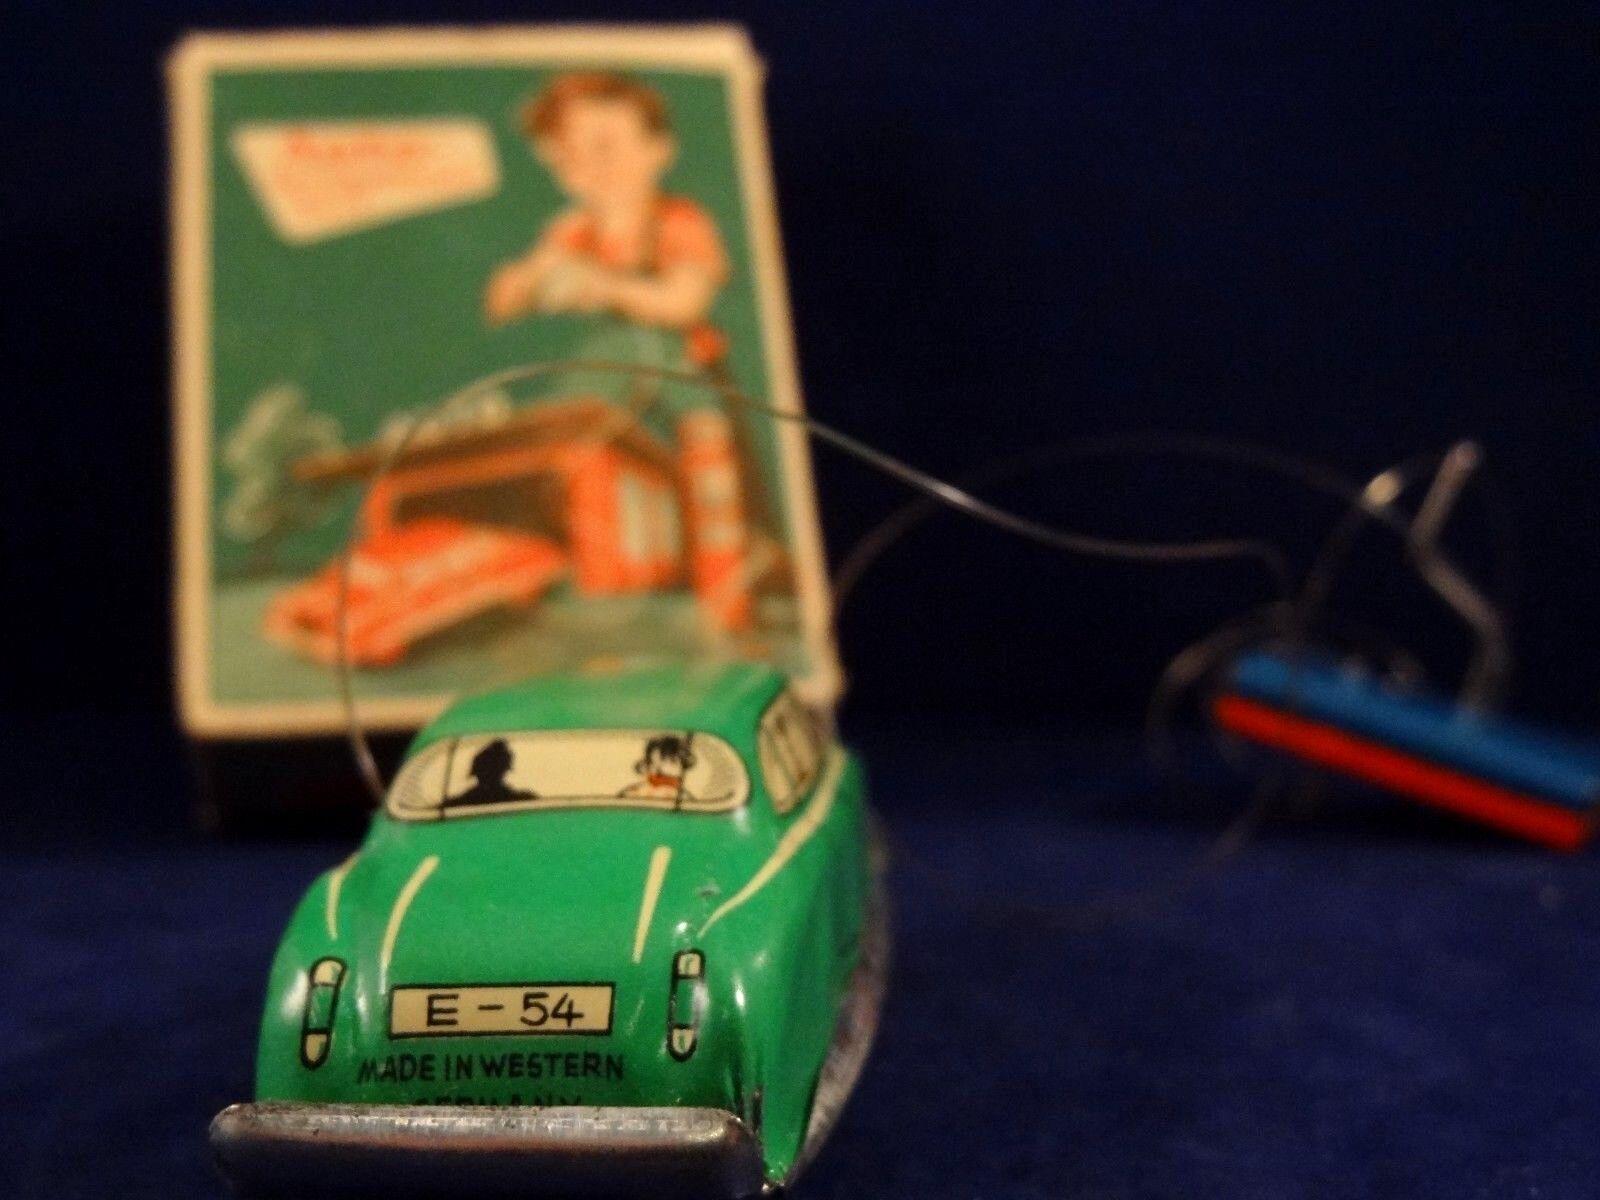 Ancien jouet voiture tôle mécanique télécomFemmedé télécomFemmedé télécomFemmedé HUKI  DISTLER  1950 W.GerFemmey | Online Shop  | Emballage élégant Et Robuste  | Valeur Formidable  c0923c